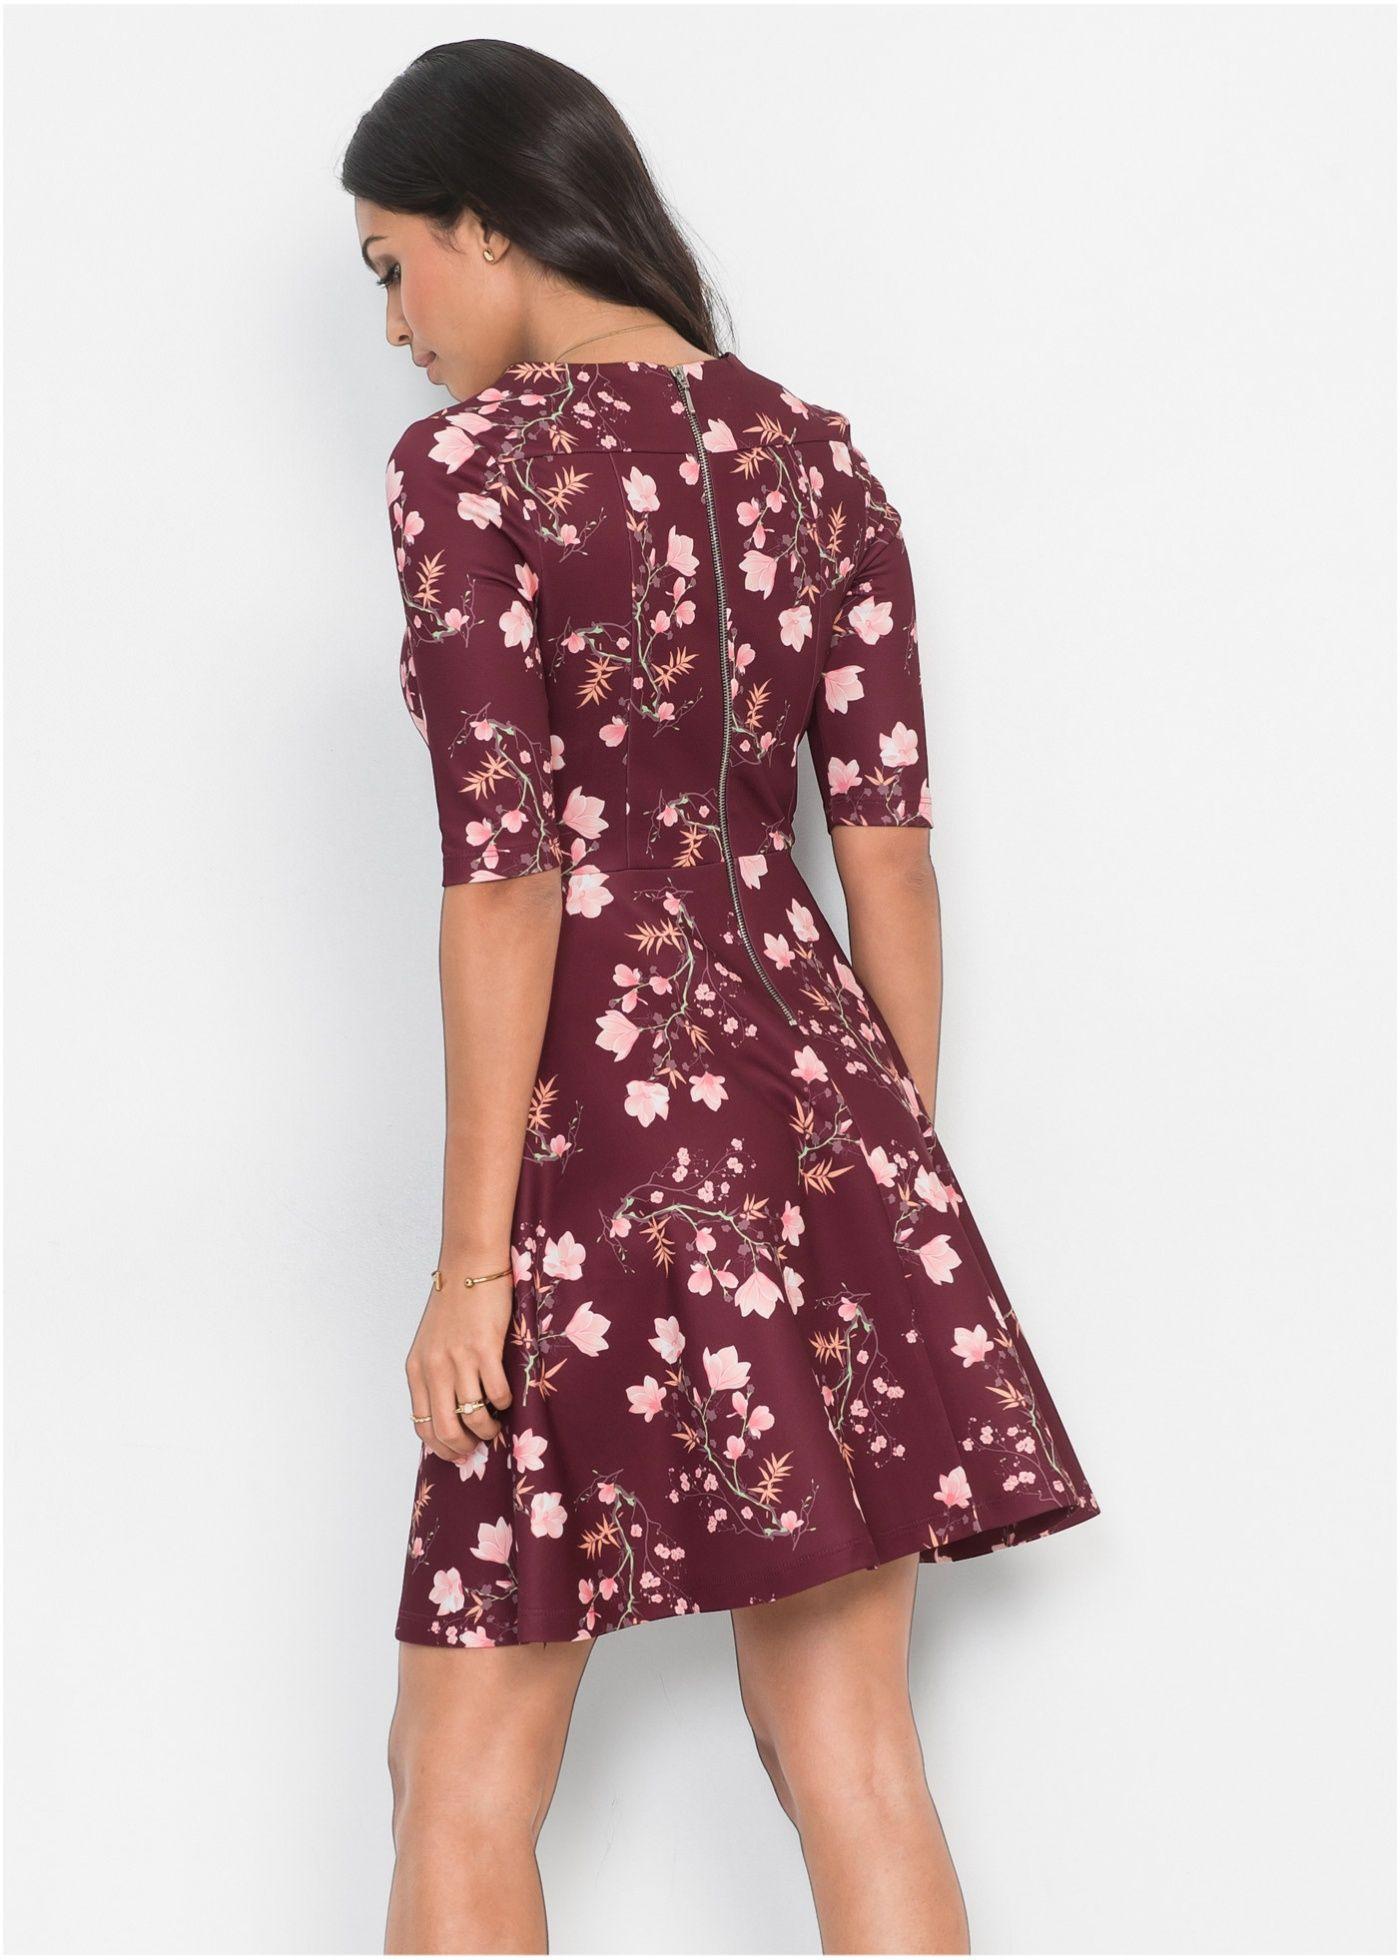 Scubakleid  Kleider Kleid Mit Ärmel Und Kleid Arbeit